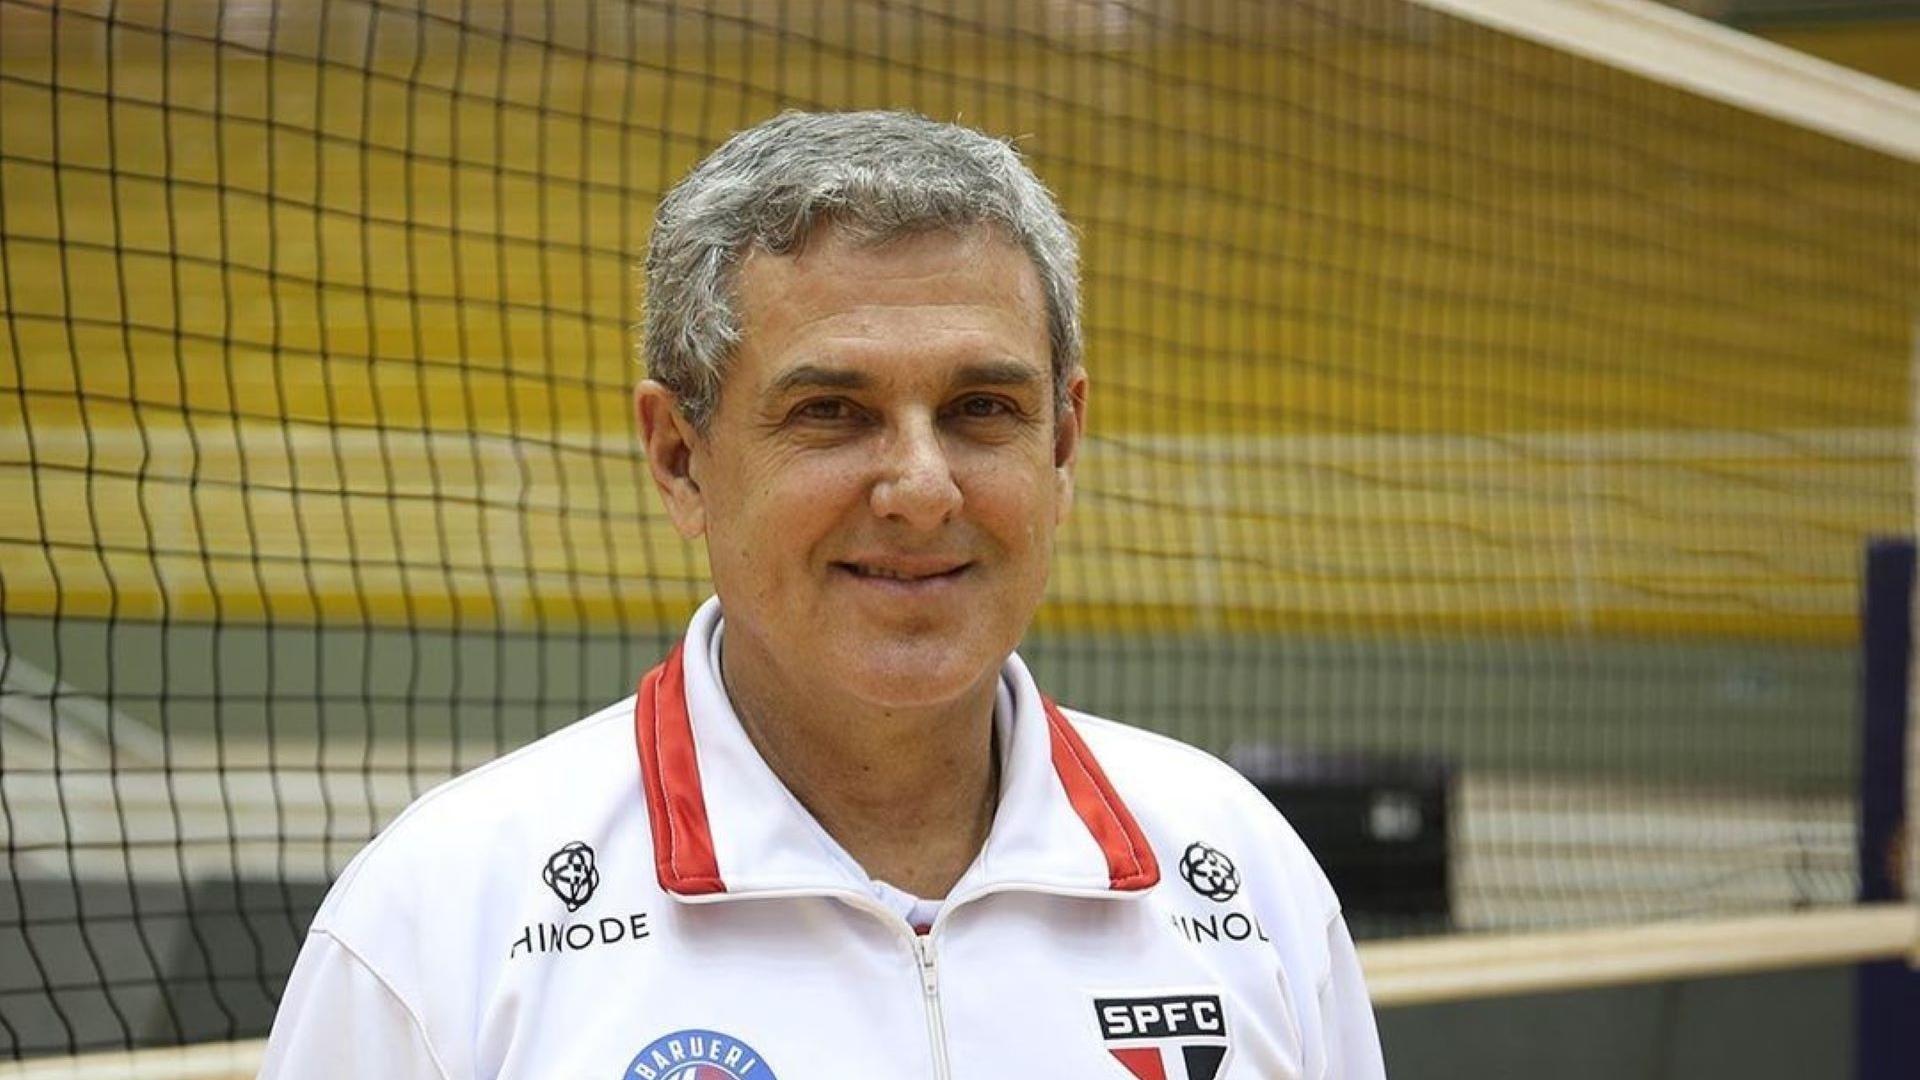 Zé Roberto Guimarães com a camisa do São Paulo/Barueri